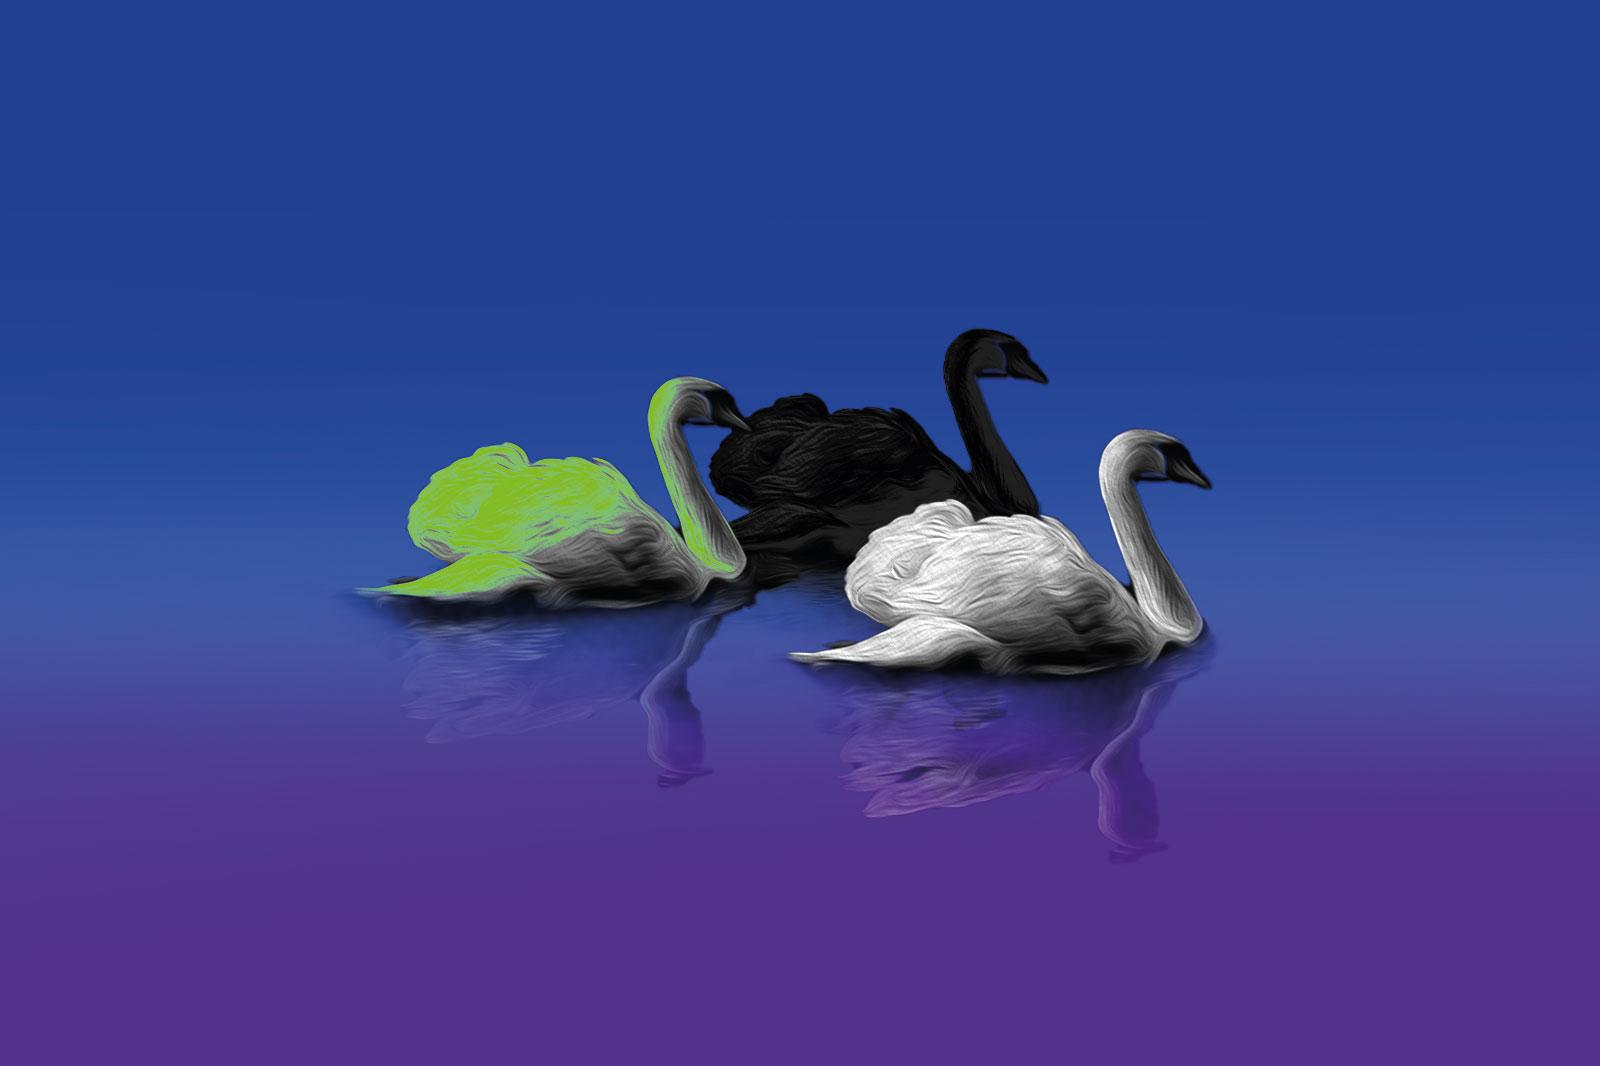 Drei Schwäne: weiß, schwarz und grün